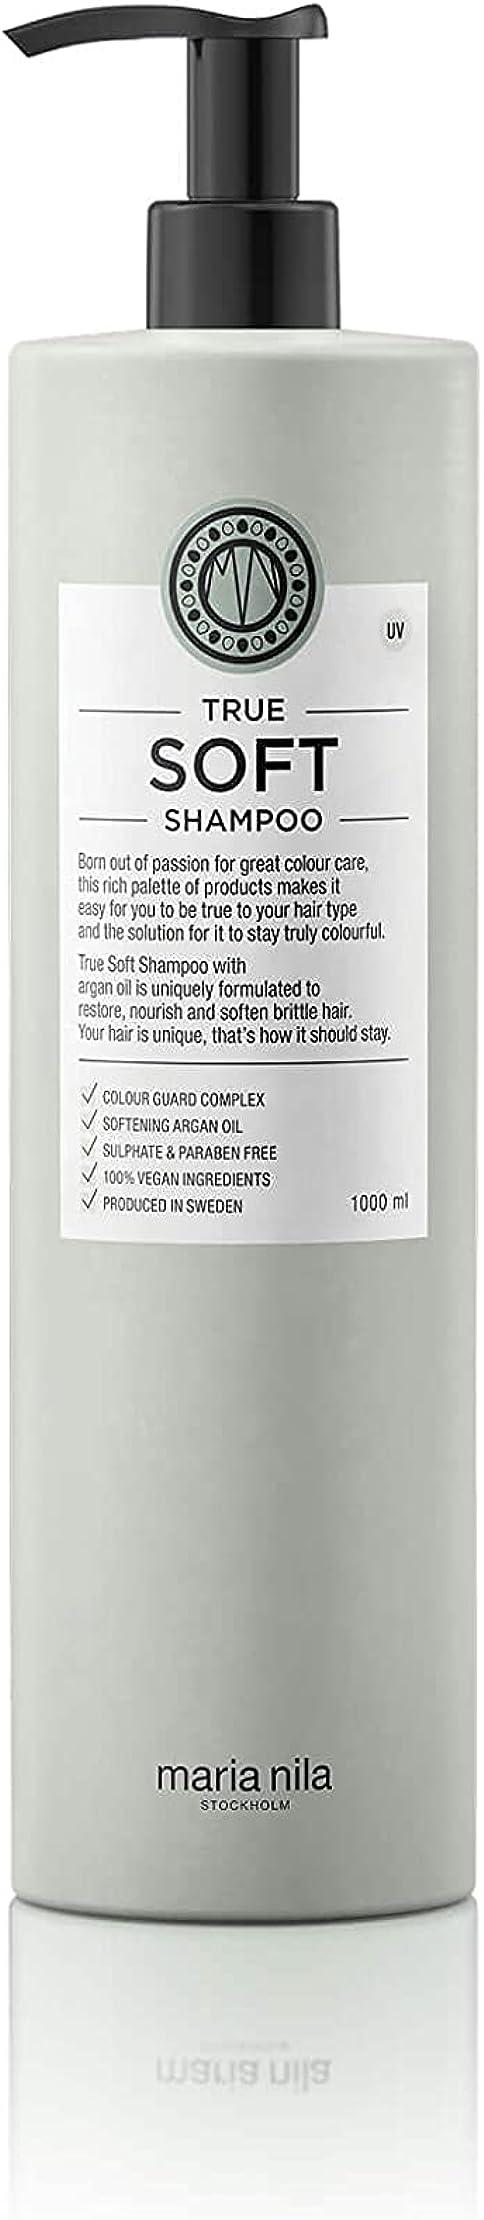 Shampoo per capelli secchi True Soft, 1 l, delicato e rafforzante Maria Nila Care & Style MN-3633